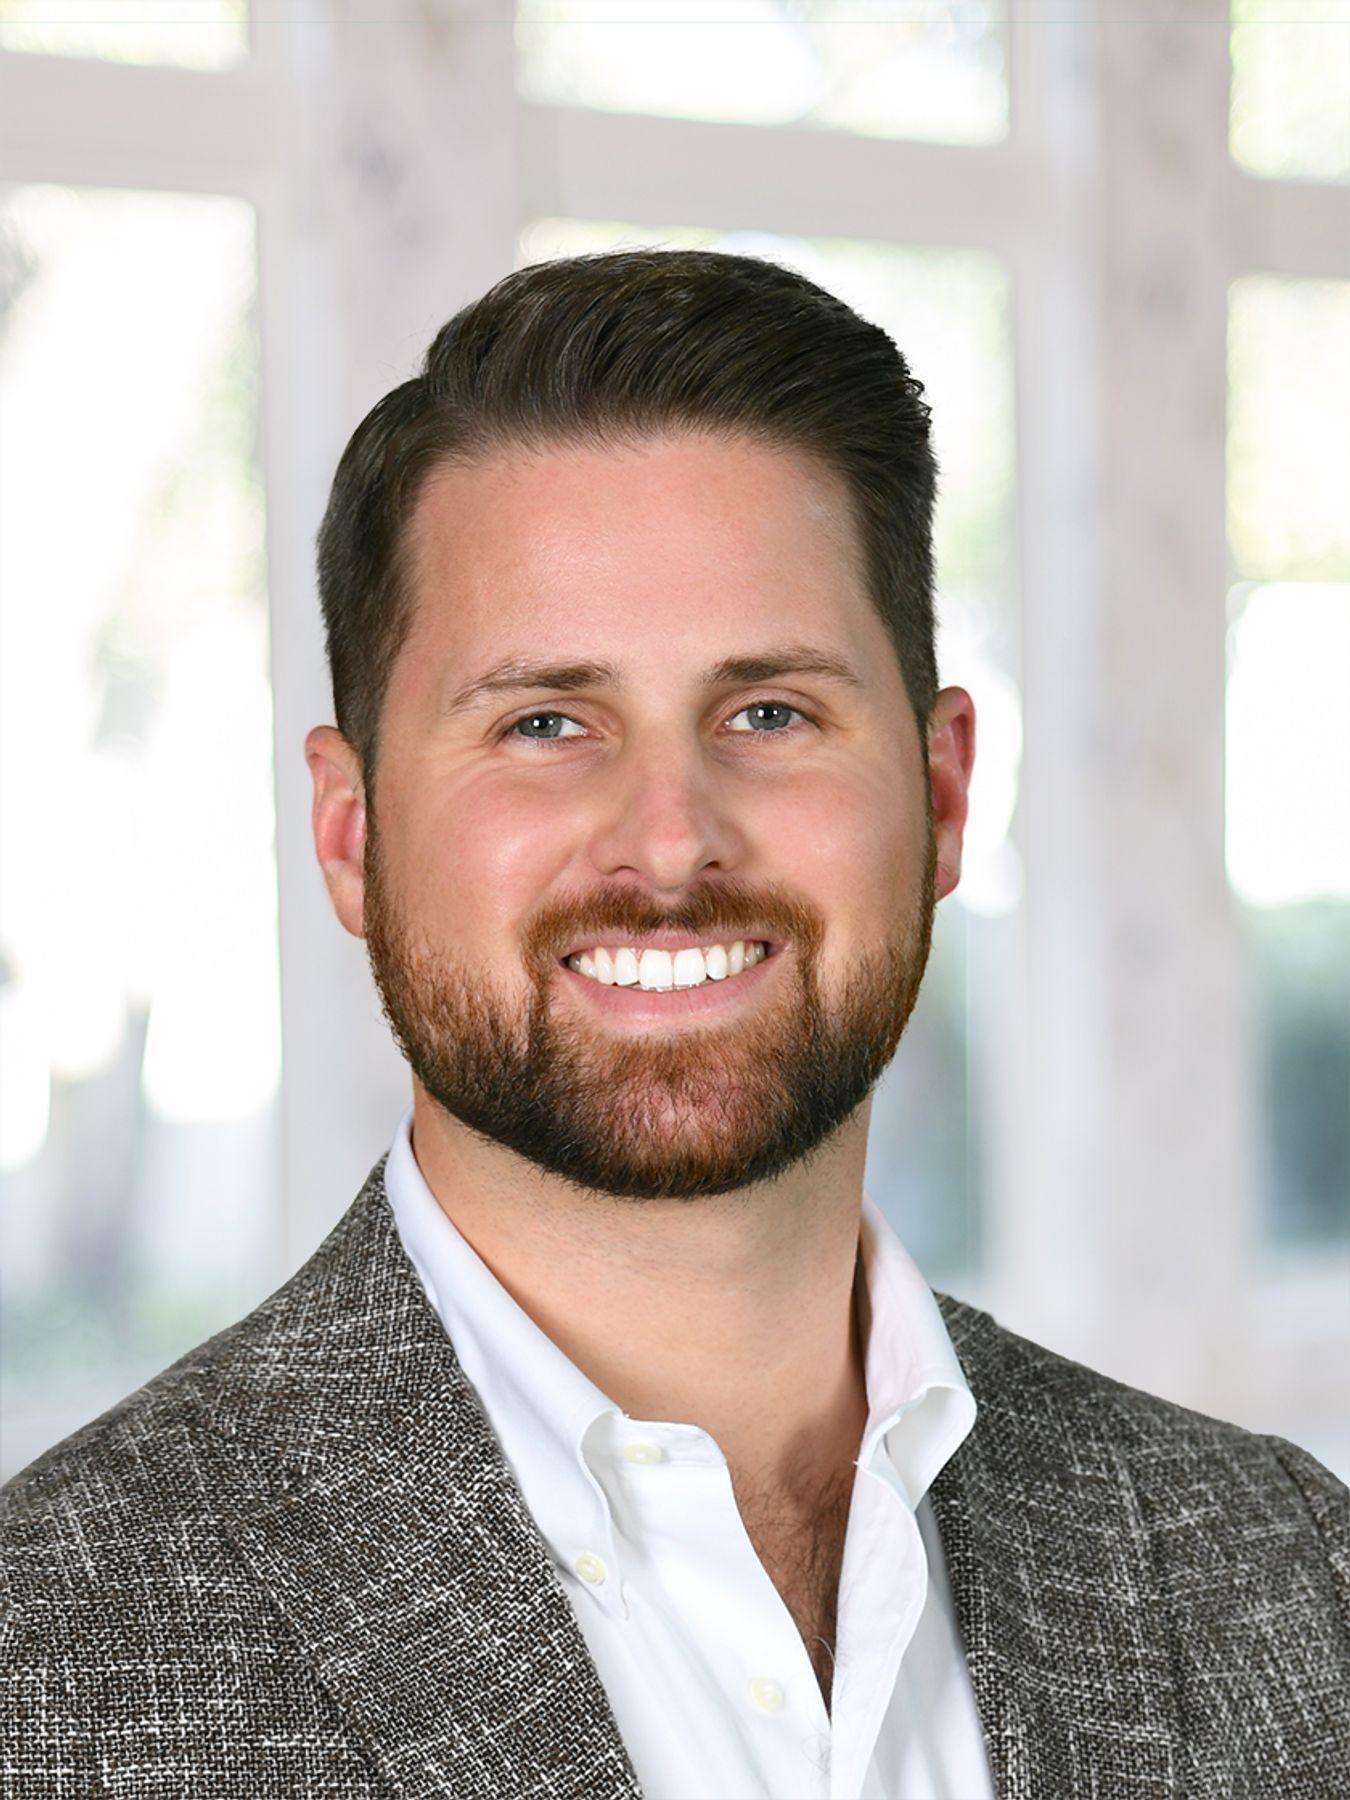 Kyle Santolini